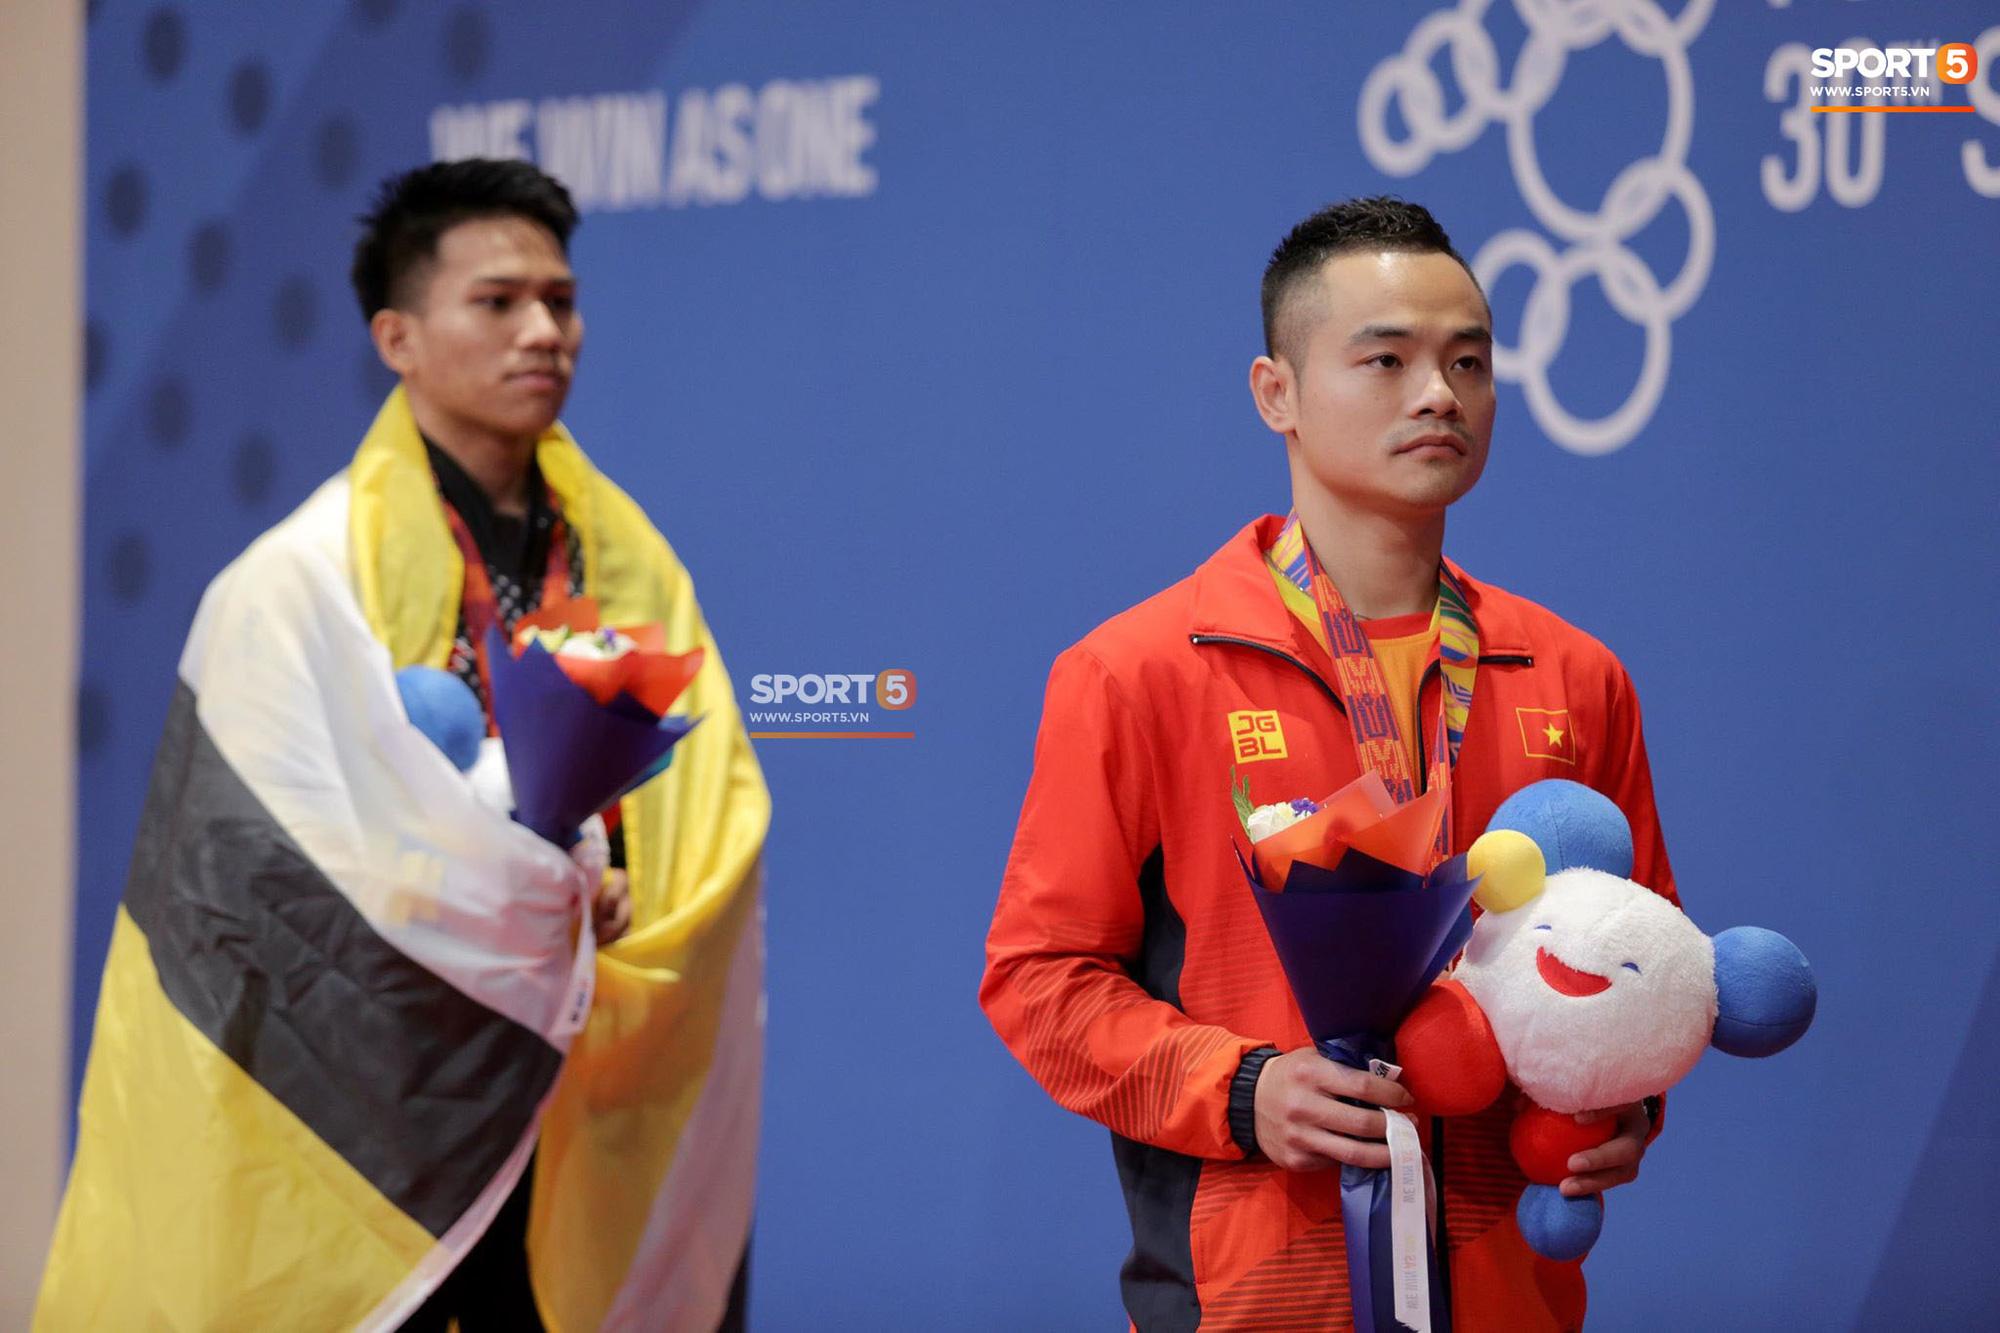 SEA Games 30 ngày 2/12: Thái Lan giúp tuyển nữ Việt Nam vào bán kết ở ngôi nhất bảng - Ảnh 20.